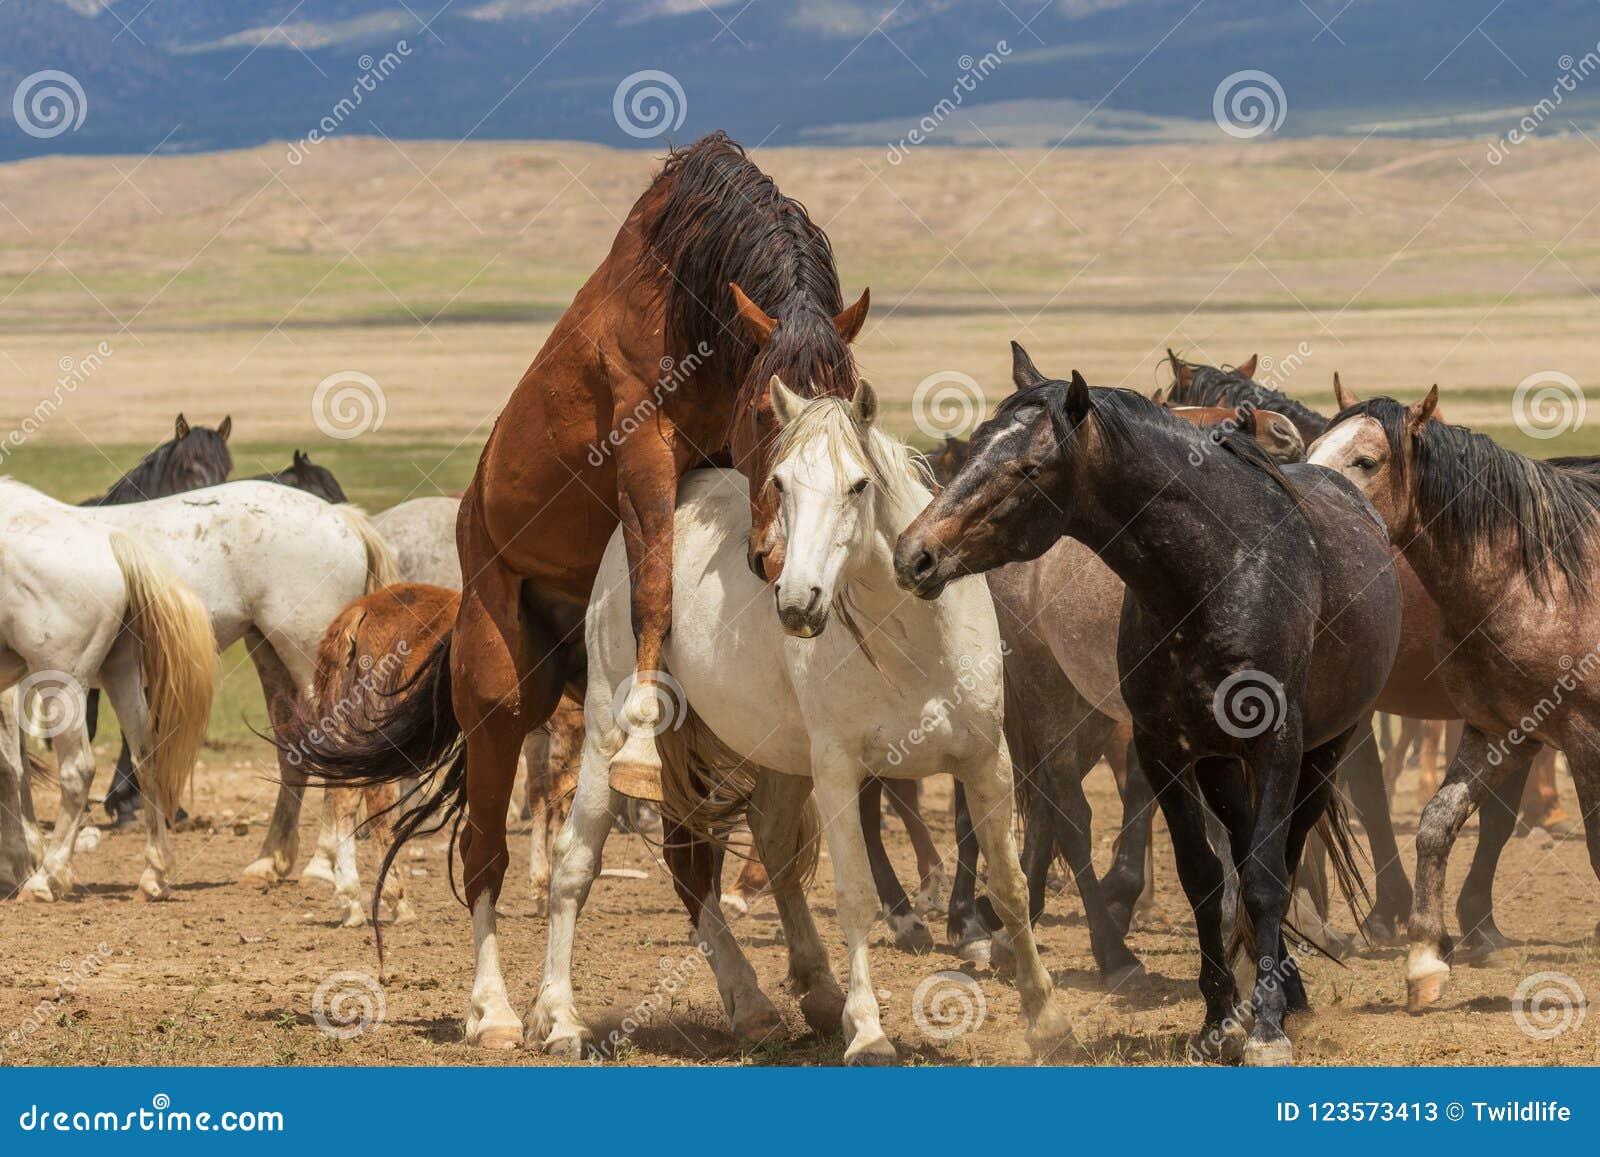 Herd Of Beautiful Wild Horses In Summer Stock Image Image Of Wildlife Summer 123573413